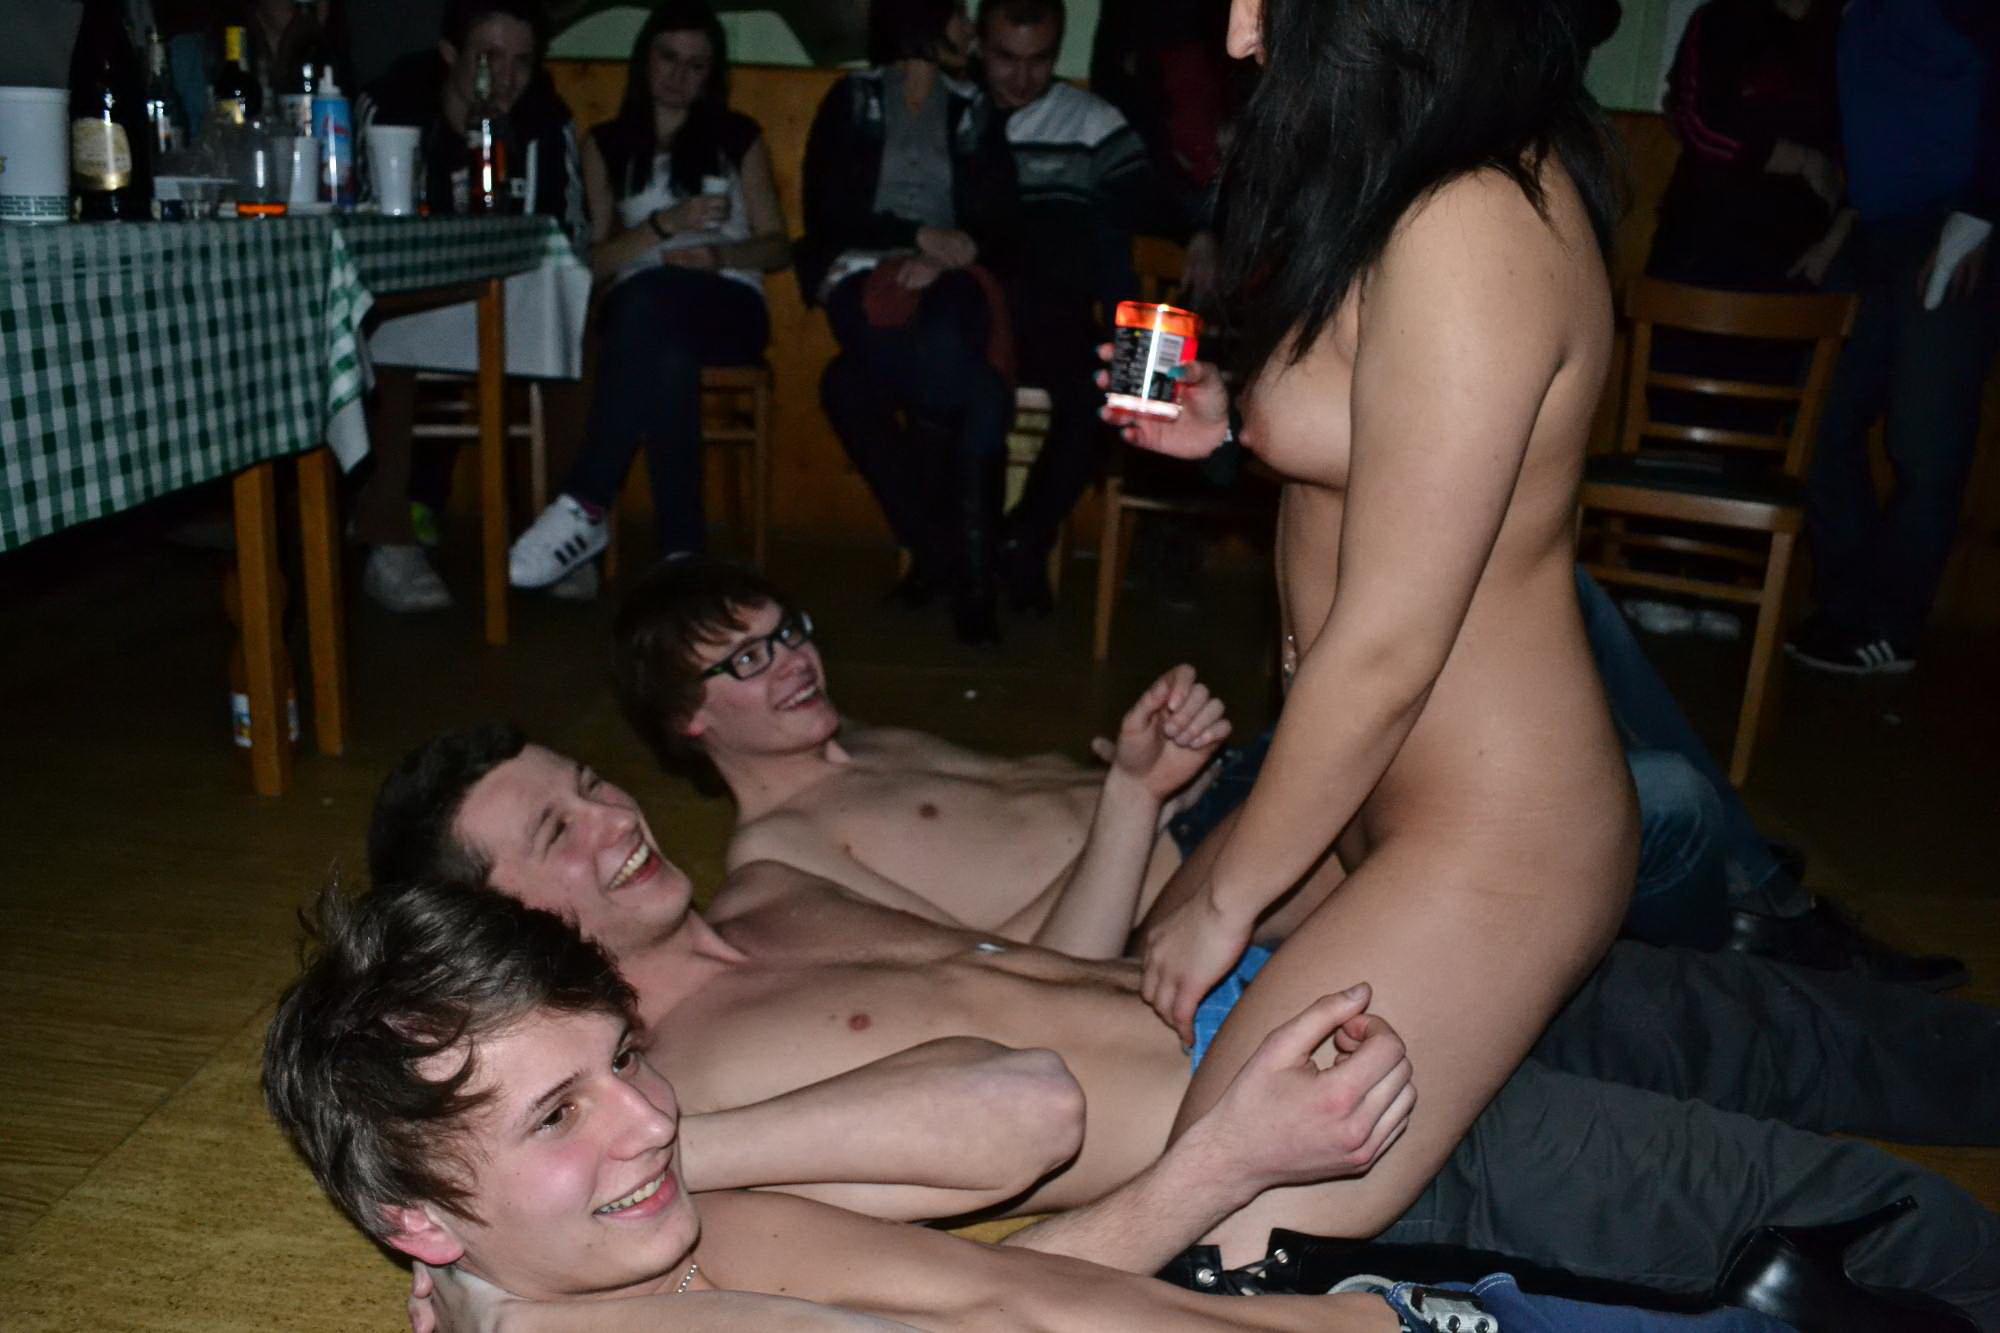 Смотреть частный стриптиз онлайн, Порно видео онлайн: ДомашнееСтриптиз 10 фотография